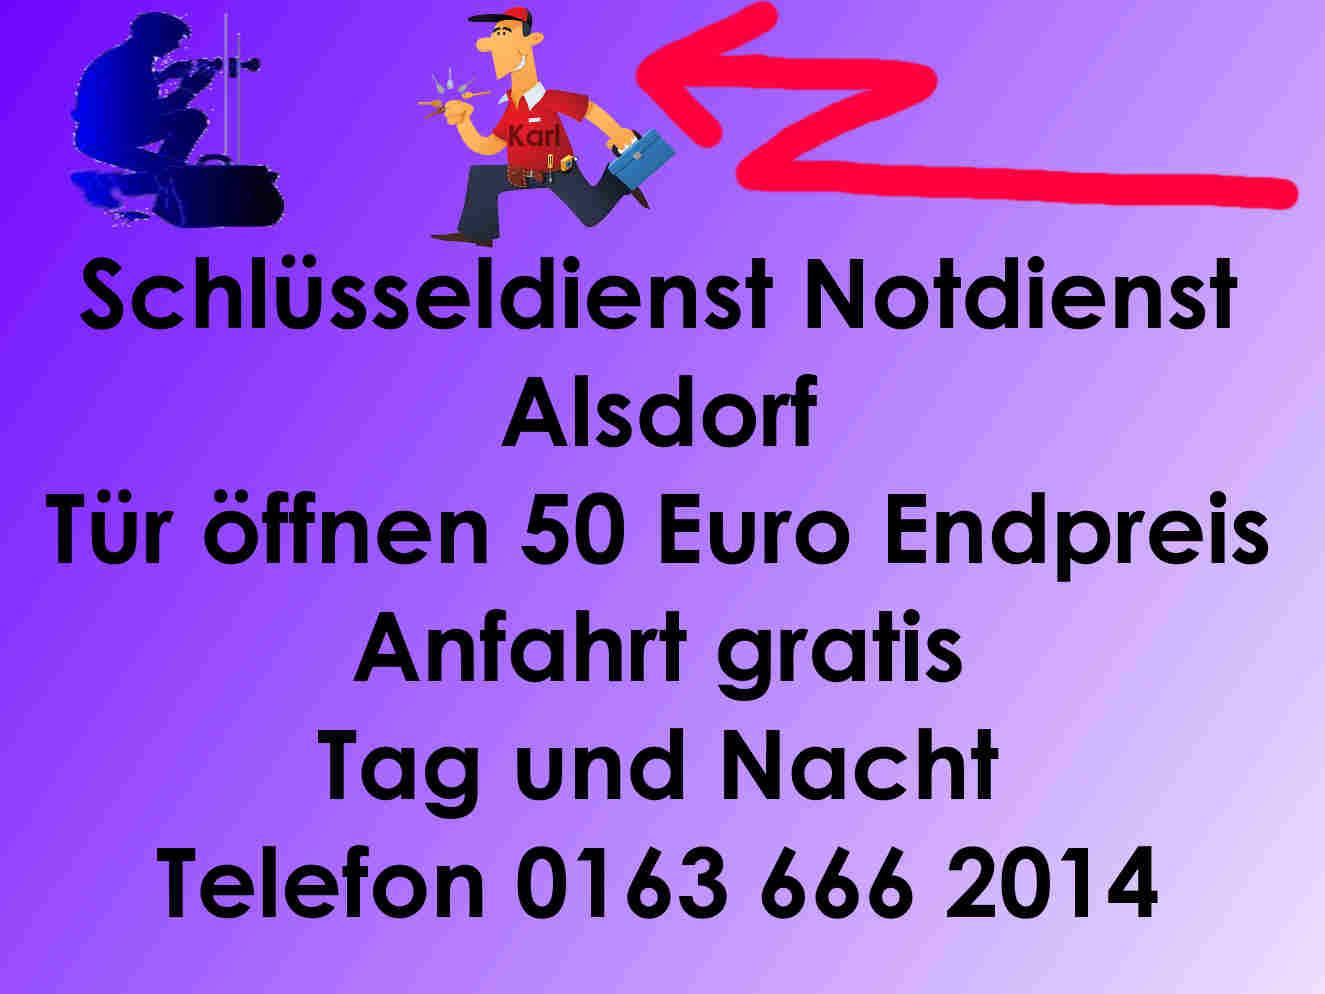 Schlüsseldienst Notdienst Alsdorf